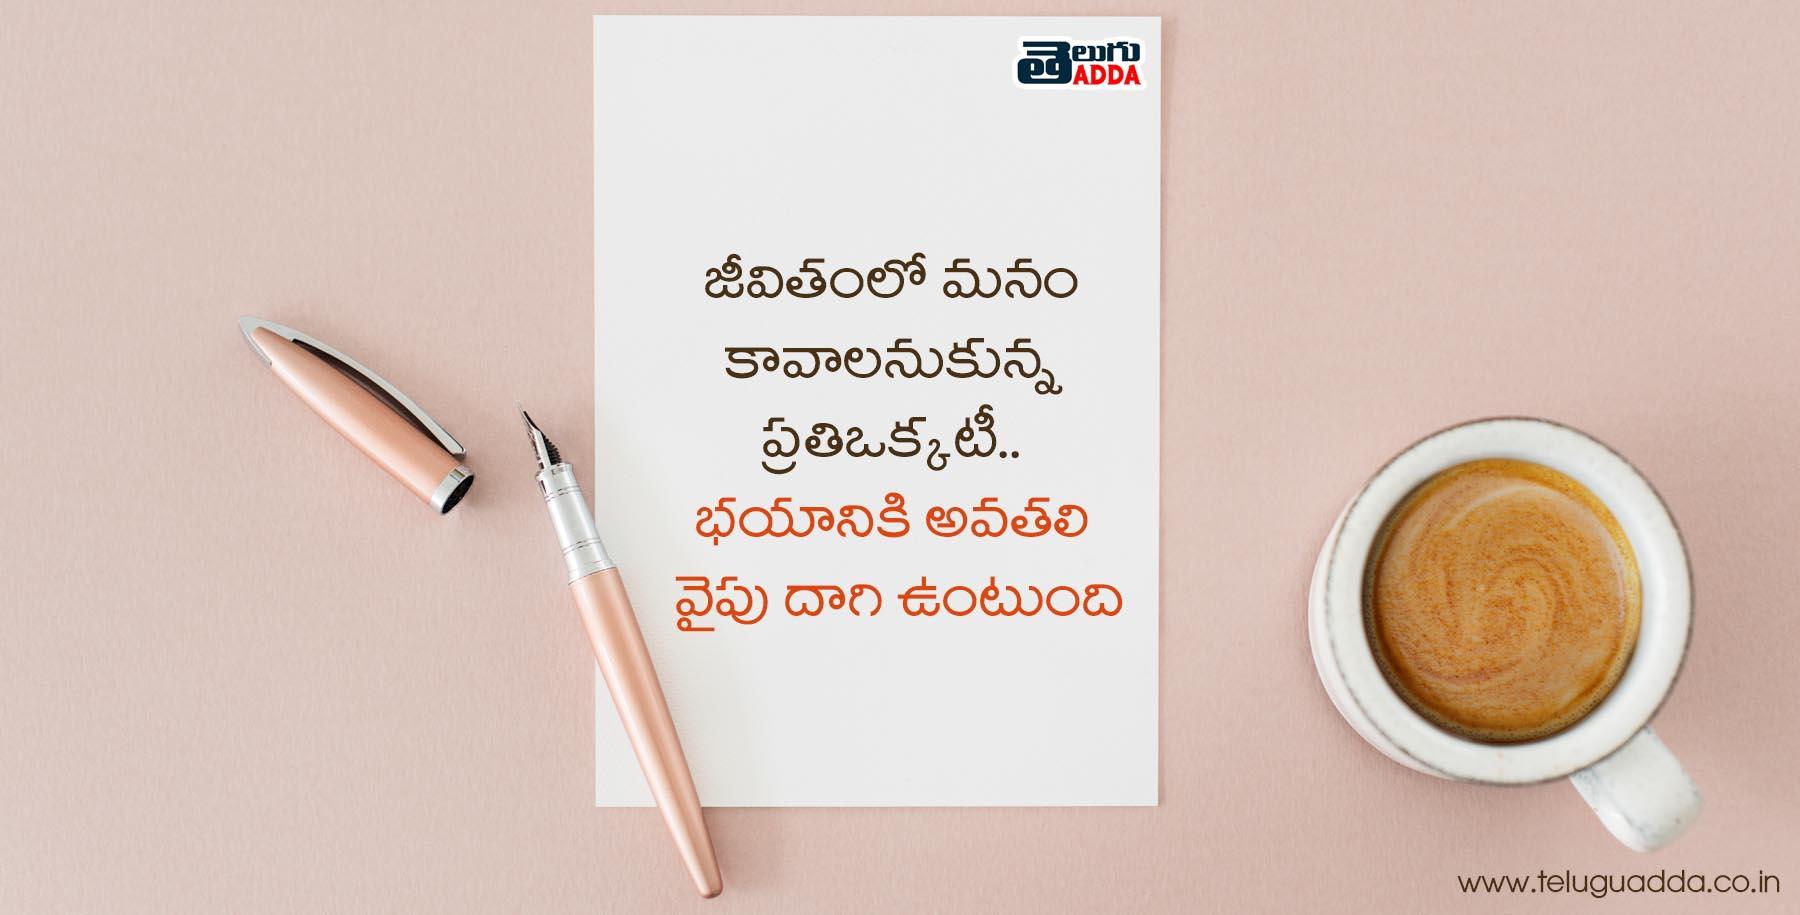 Telugu Quotes latest